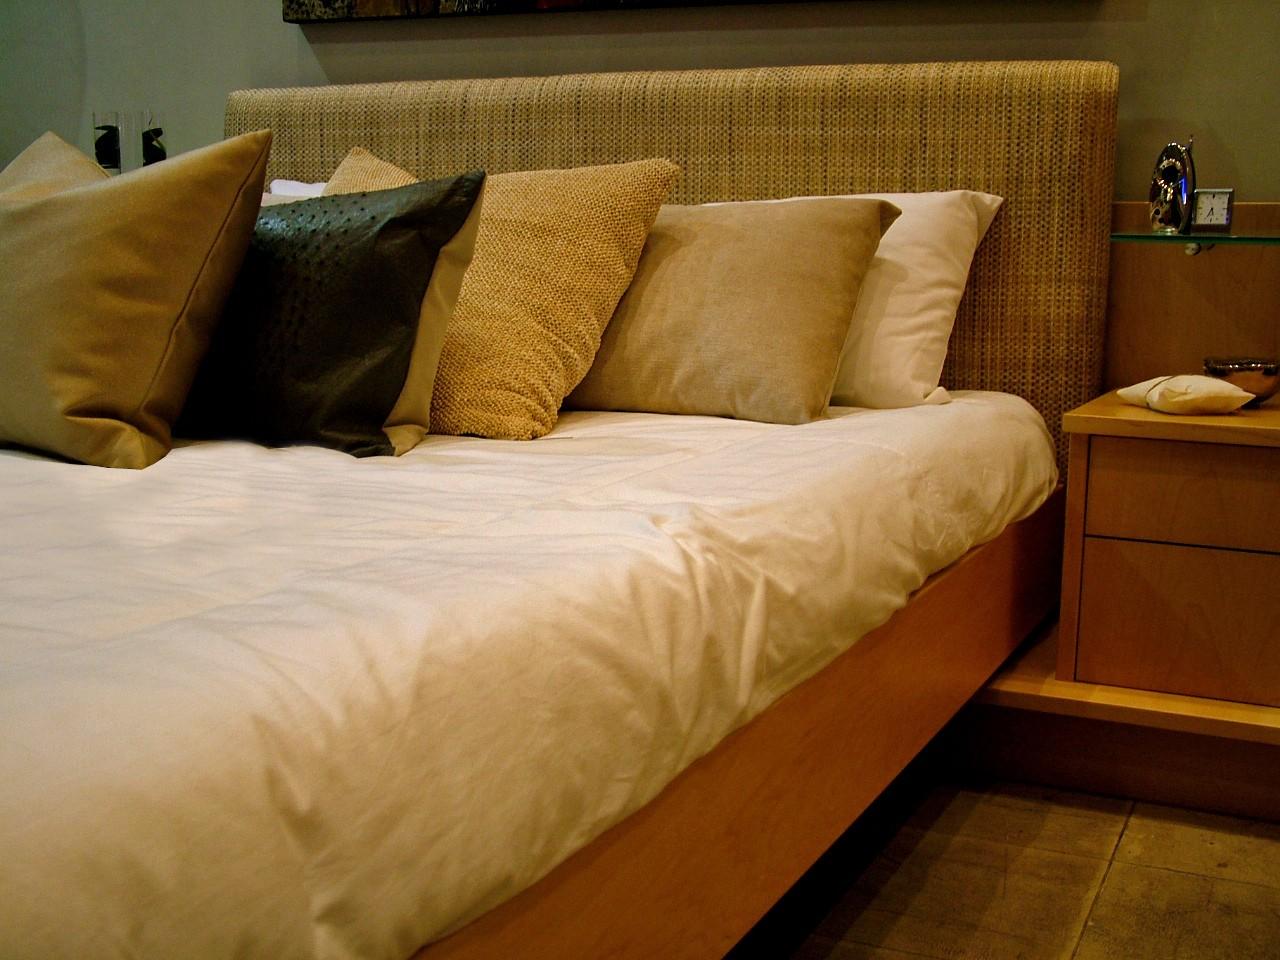 Łóżko tapicerowane a komfort snu